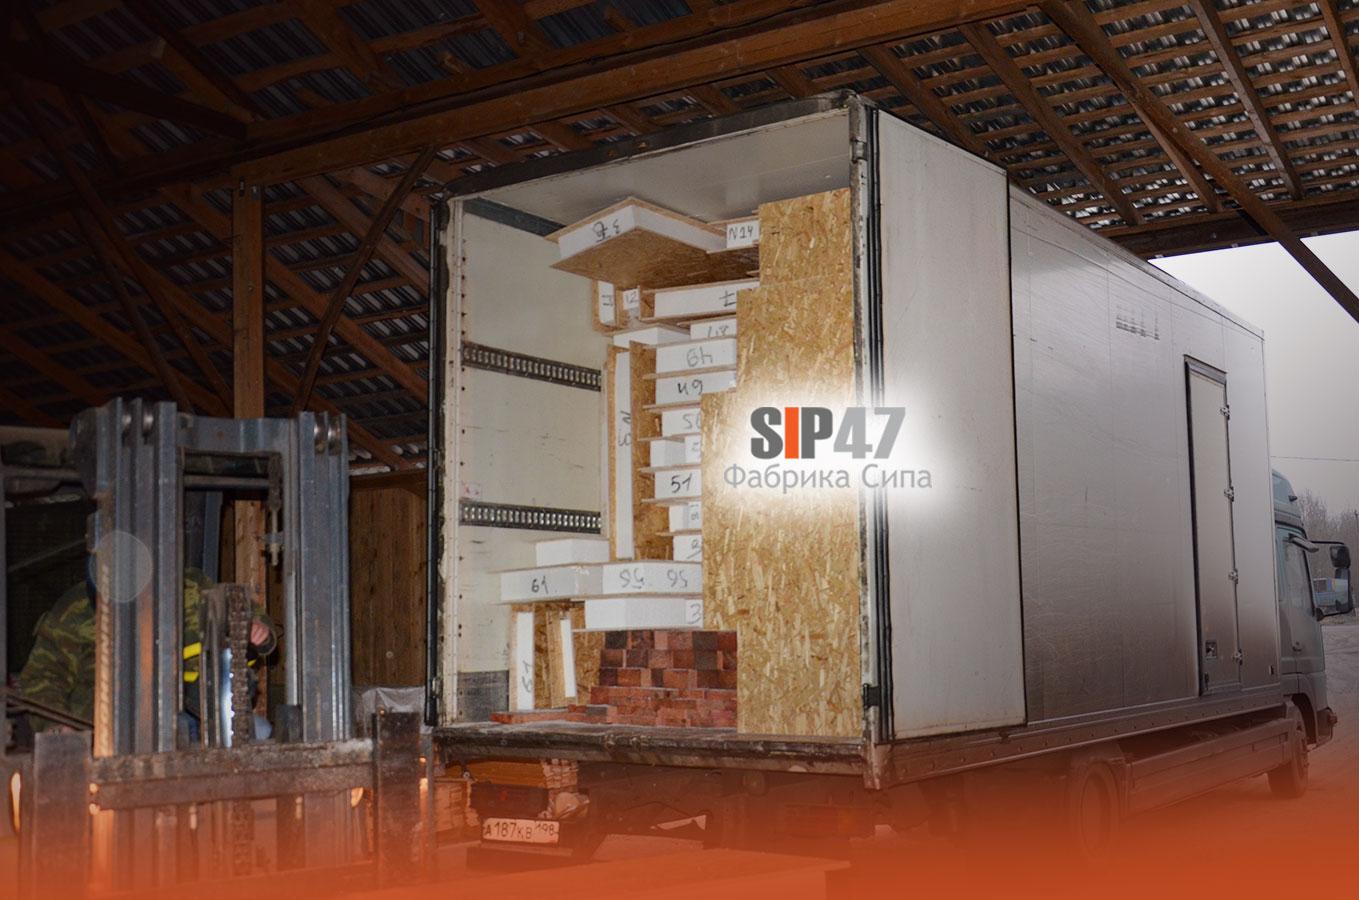 Отгрузка домокомплекта из классических СИП- панелей в деревню Санино